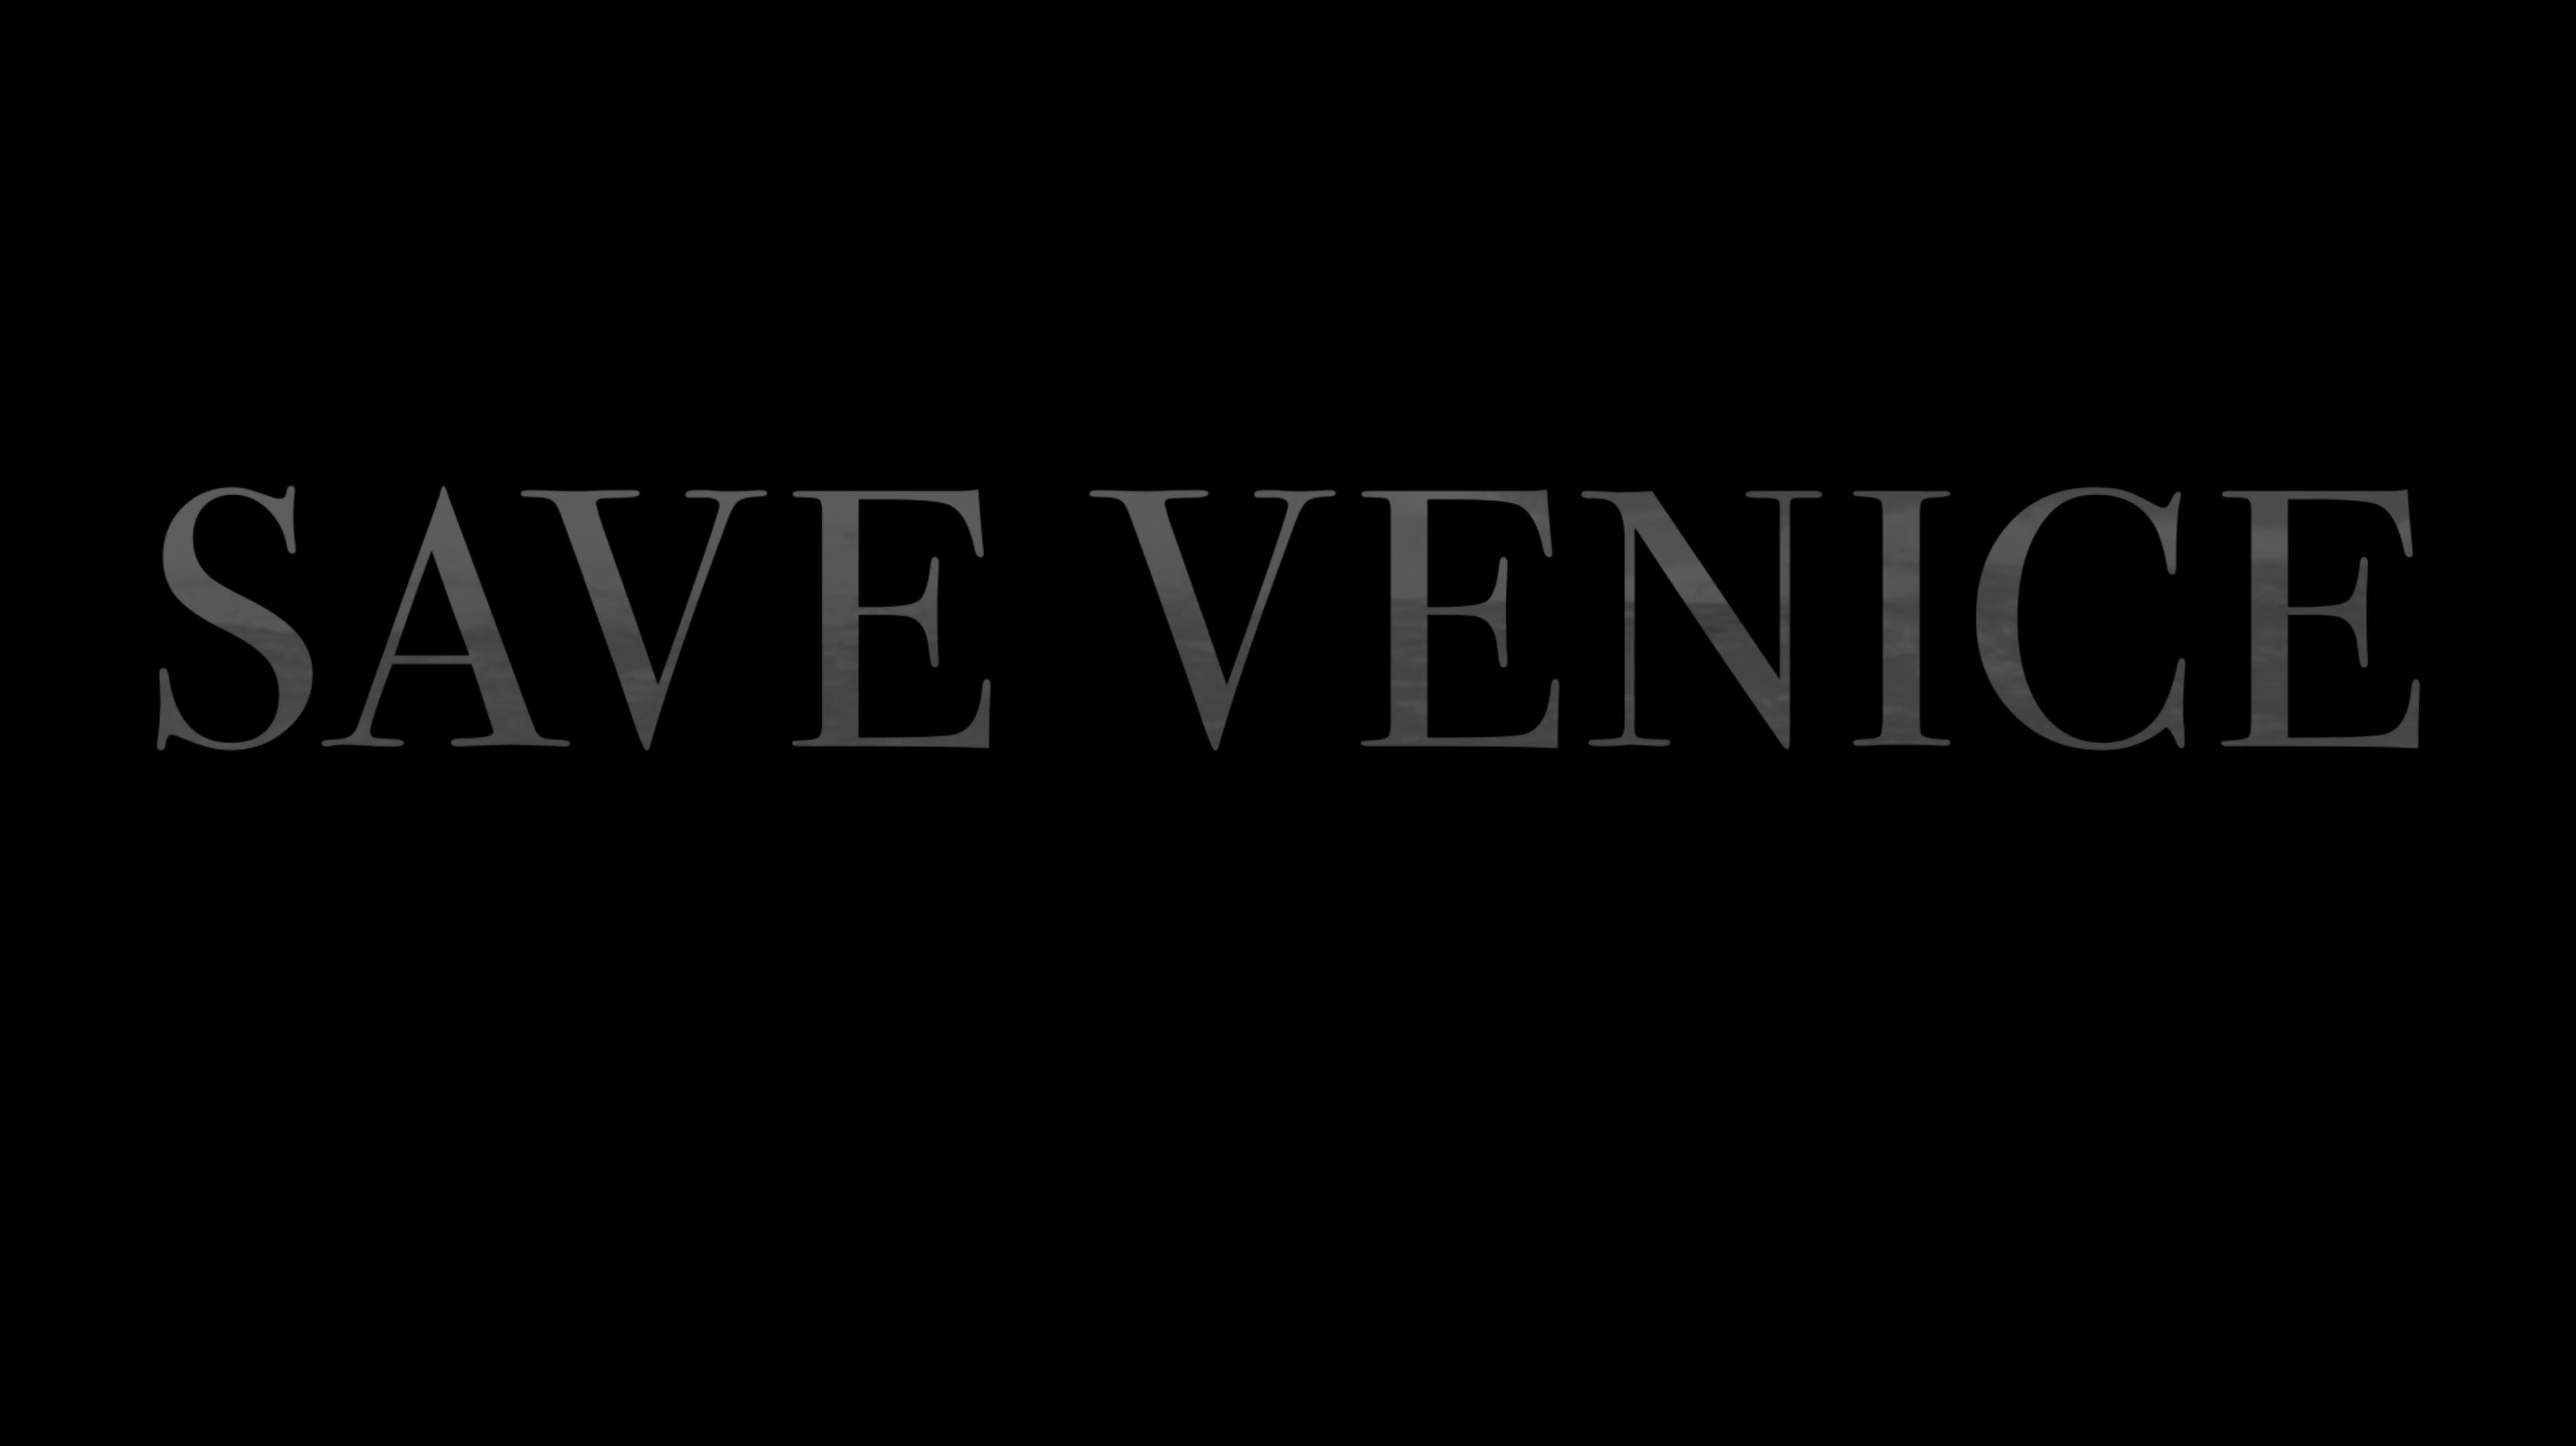 SAVE VENICE